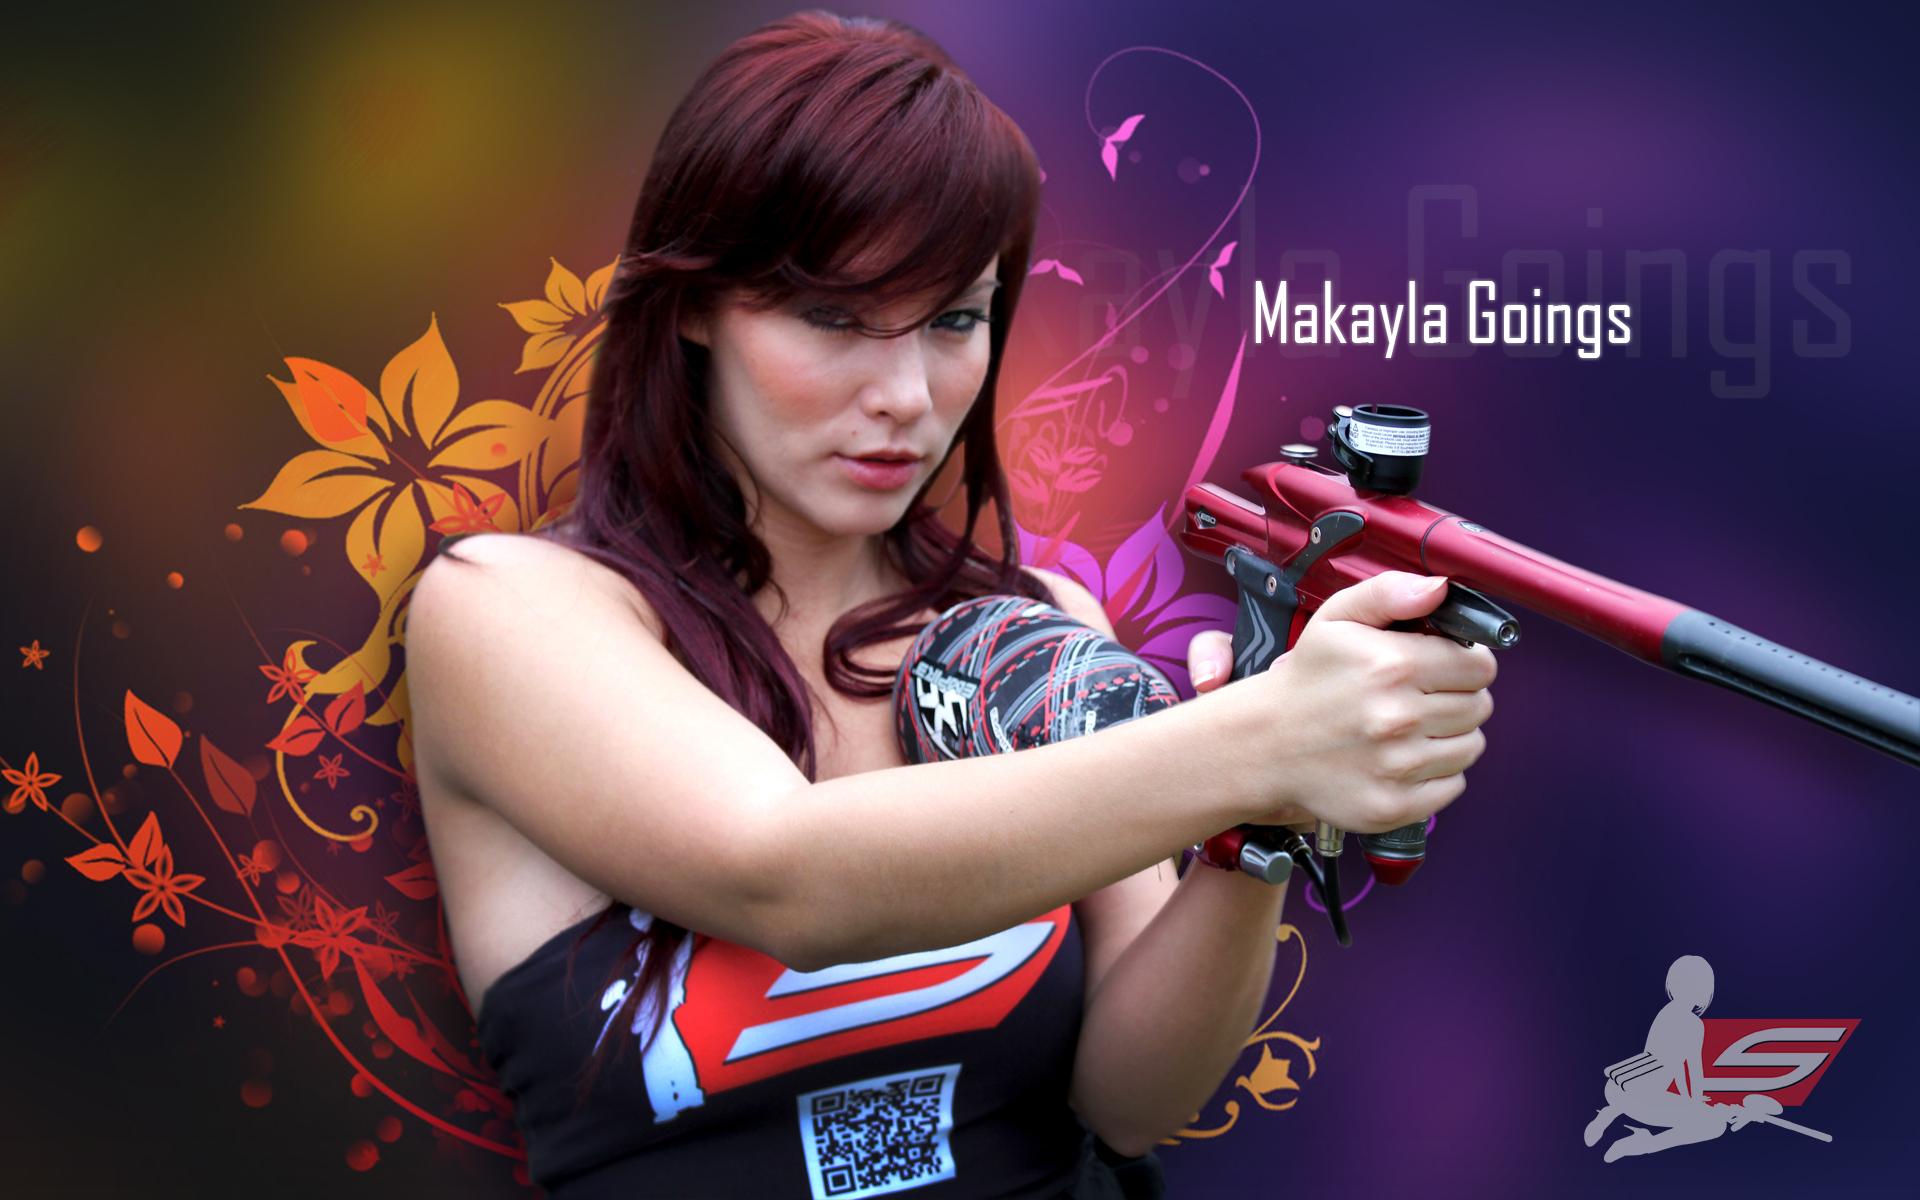 Miss November 2011 – Makayla Goings